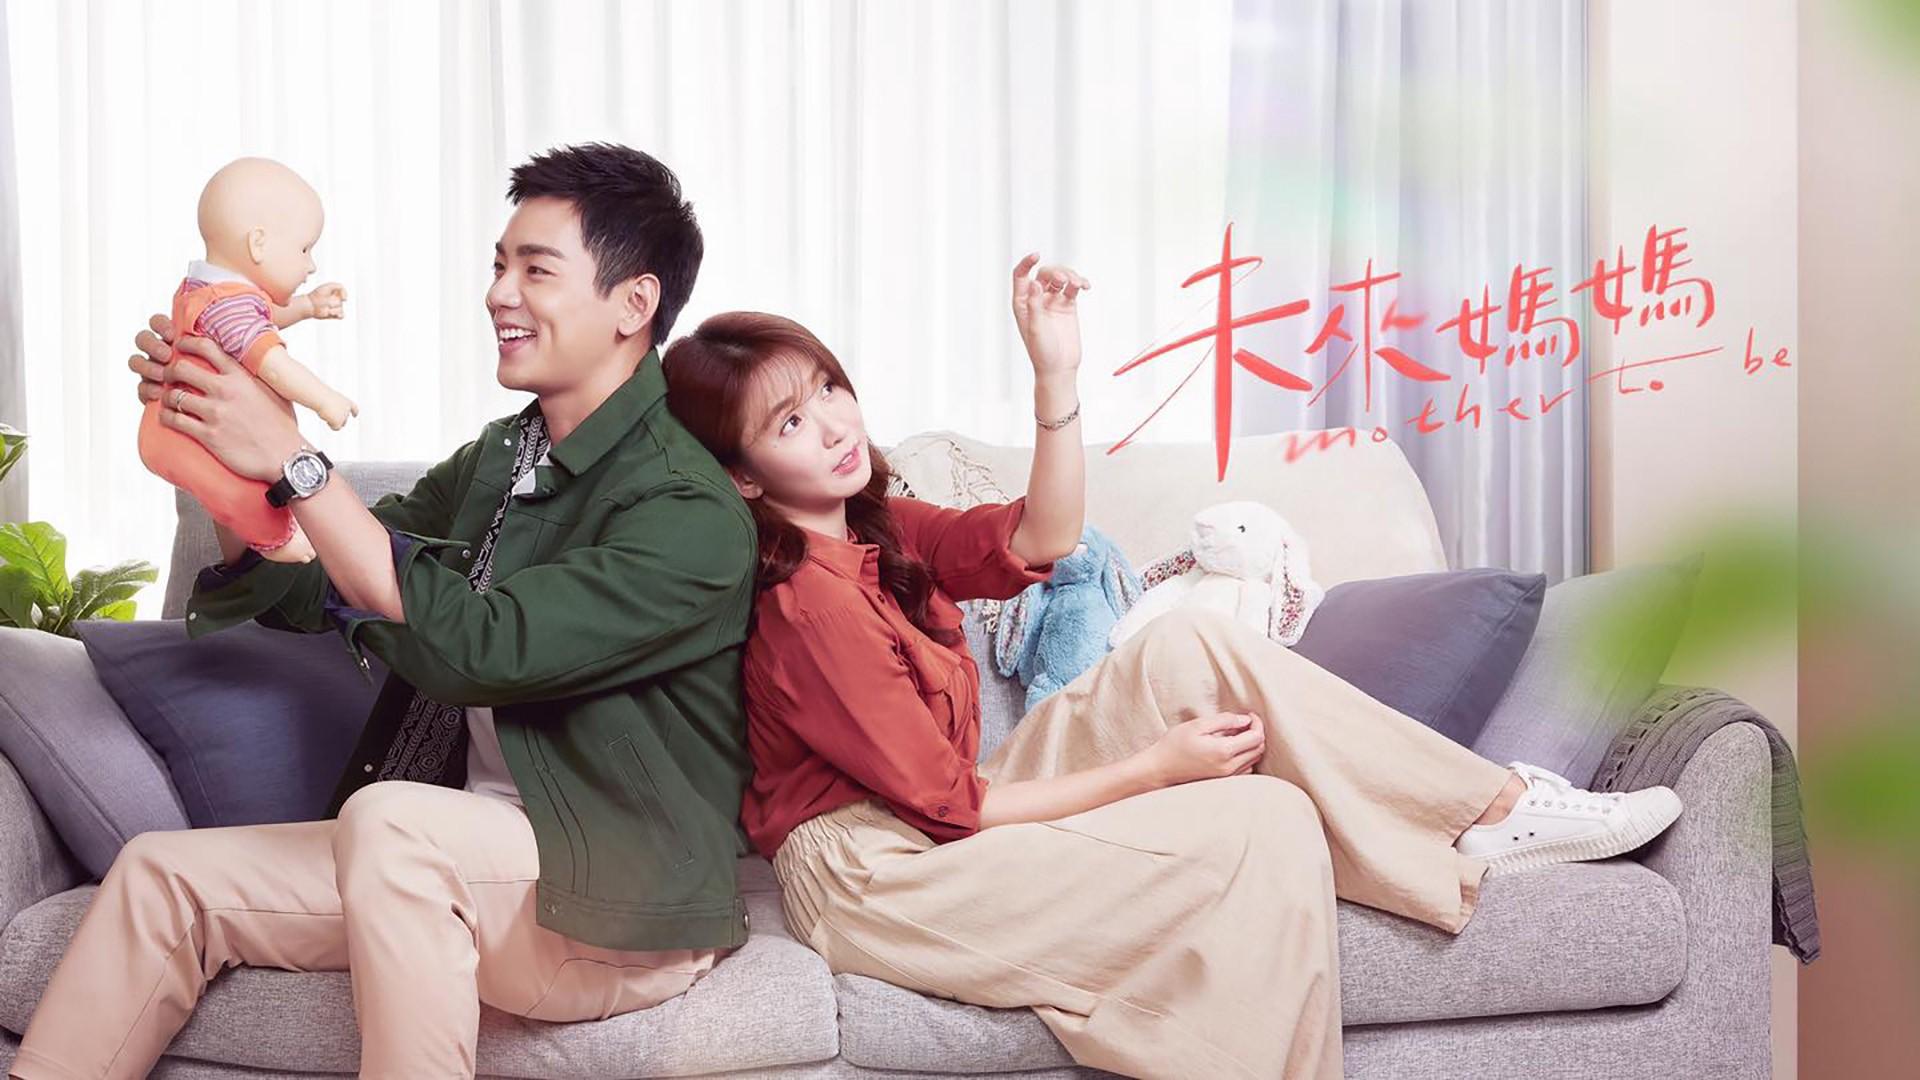 《未來媽媽》2020 年度回顧專題之台灣影評人的年度愛劇片單(追劇咖)